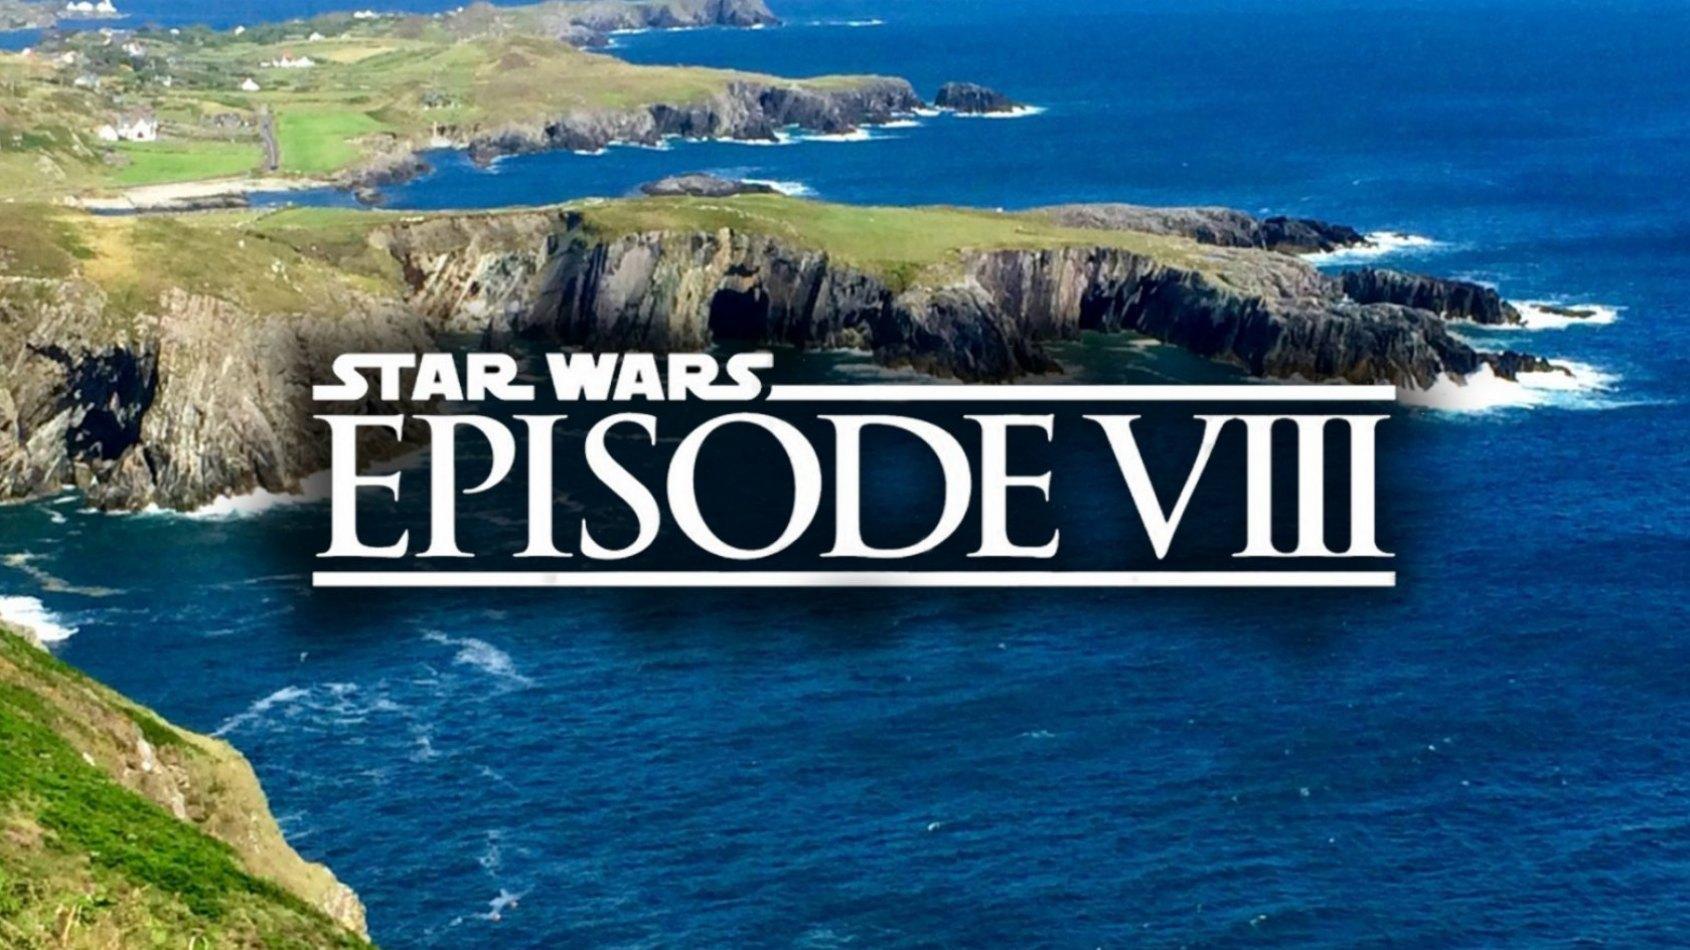 De nouvelles photos des décors de tournage en Irlande